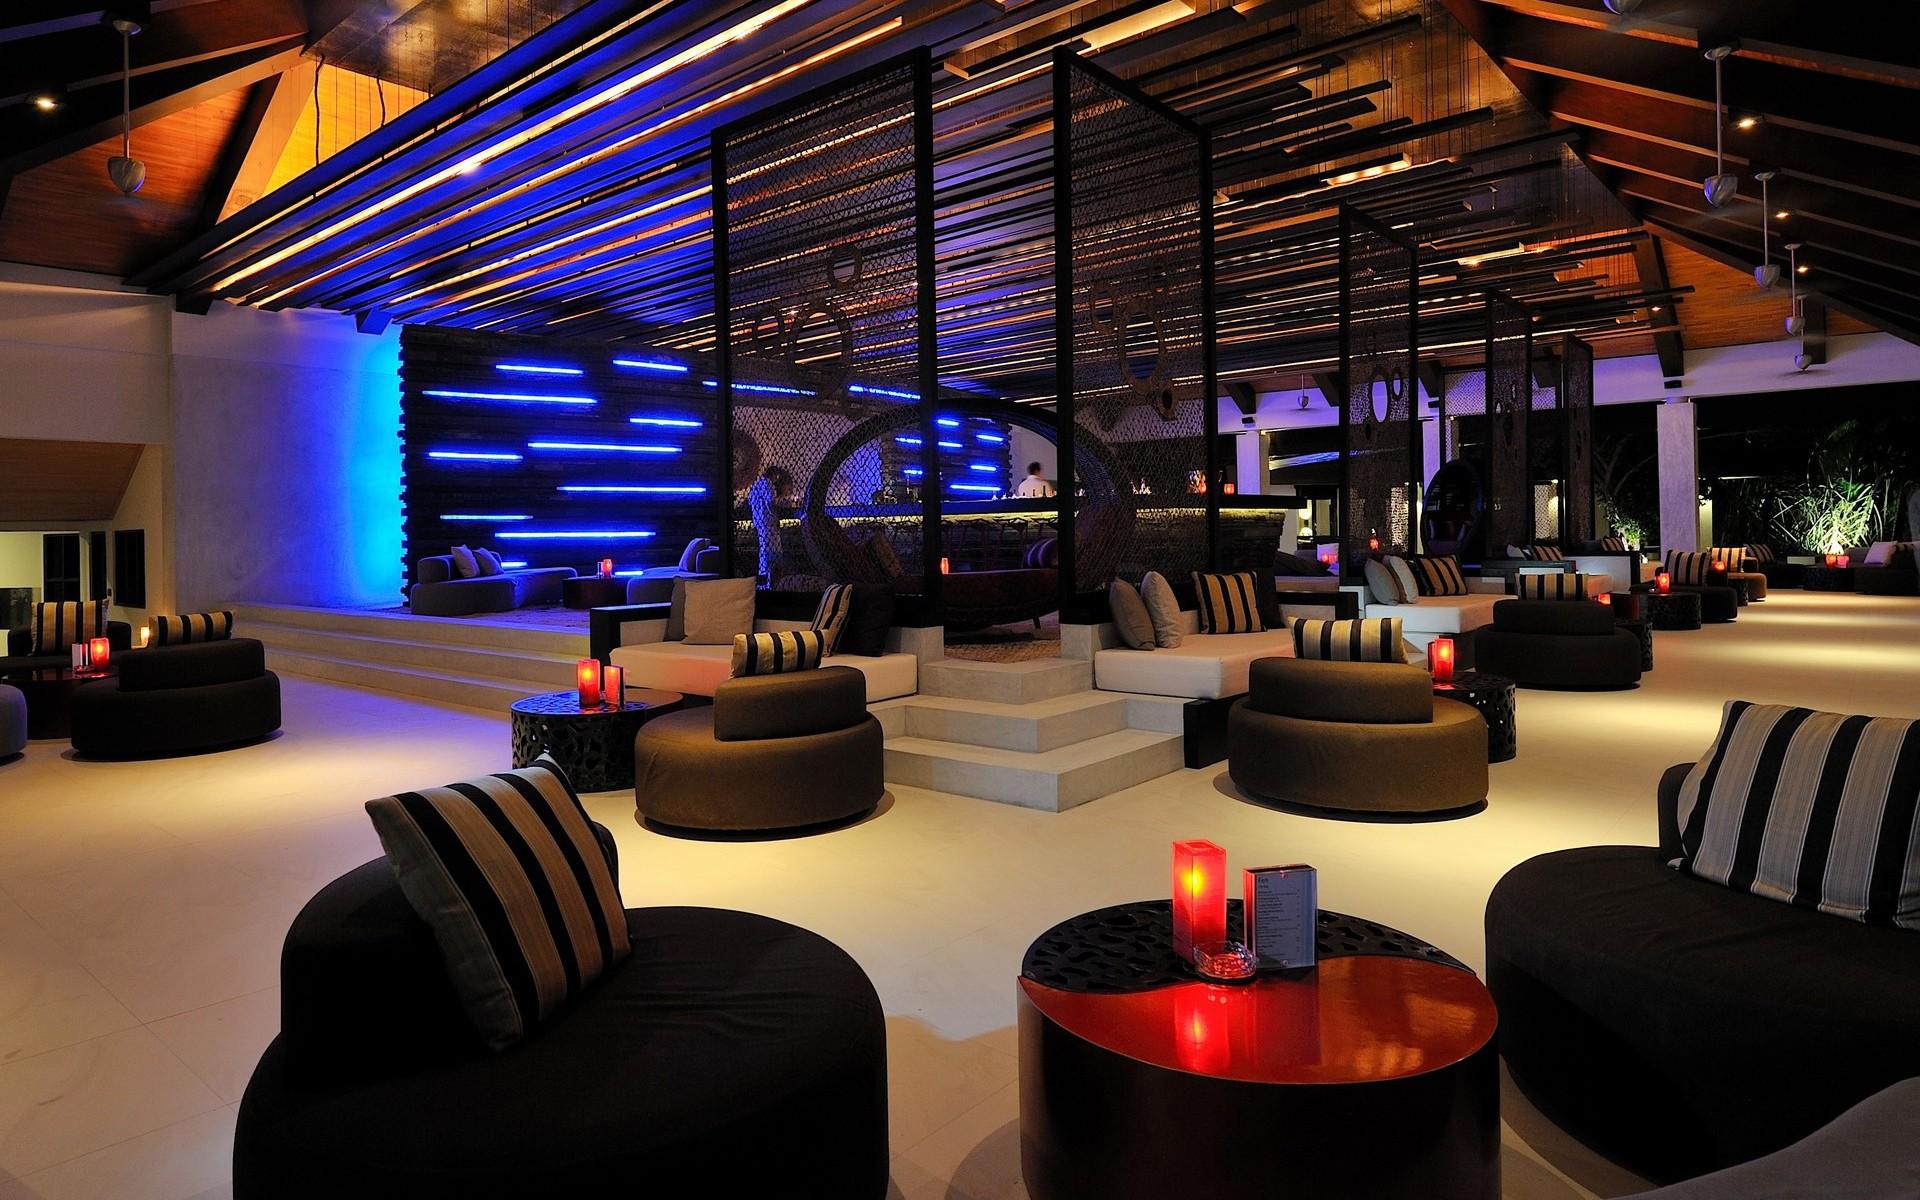 Bar Wallpaper Design Wallpapersafari